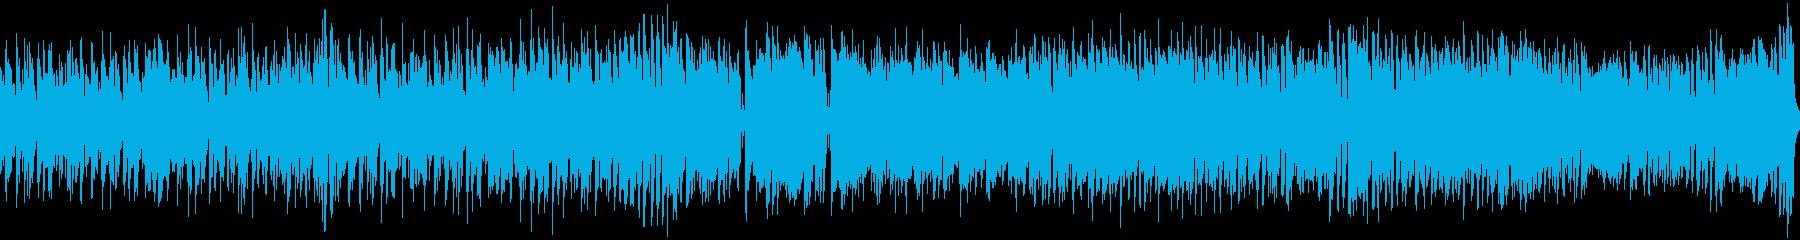 陽気なトロピカルBGM(ループ)の再生済みの波形